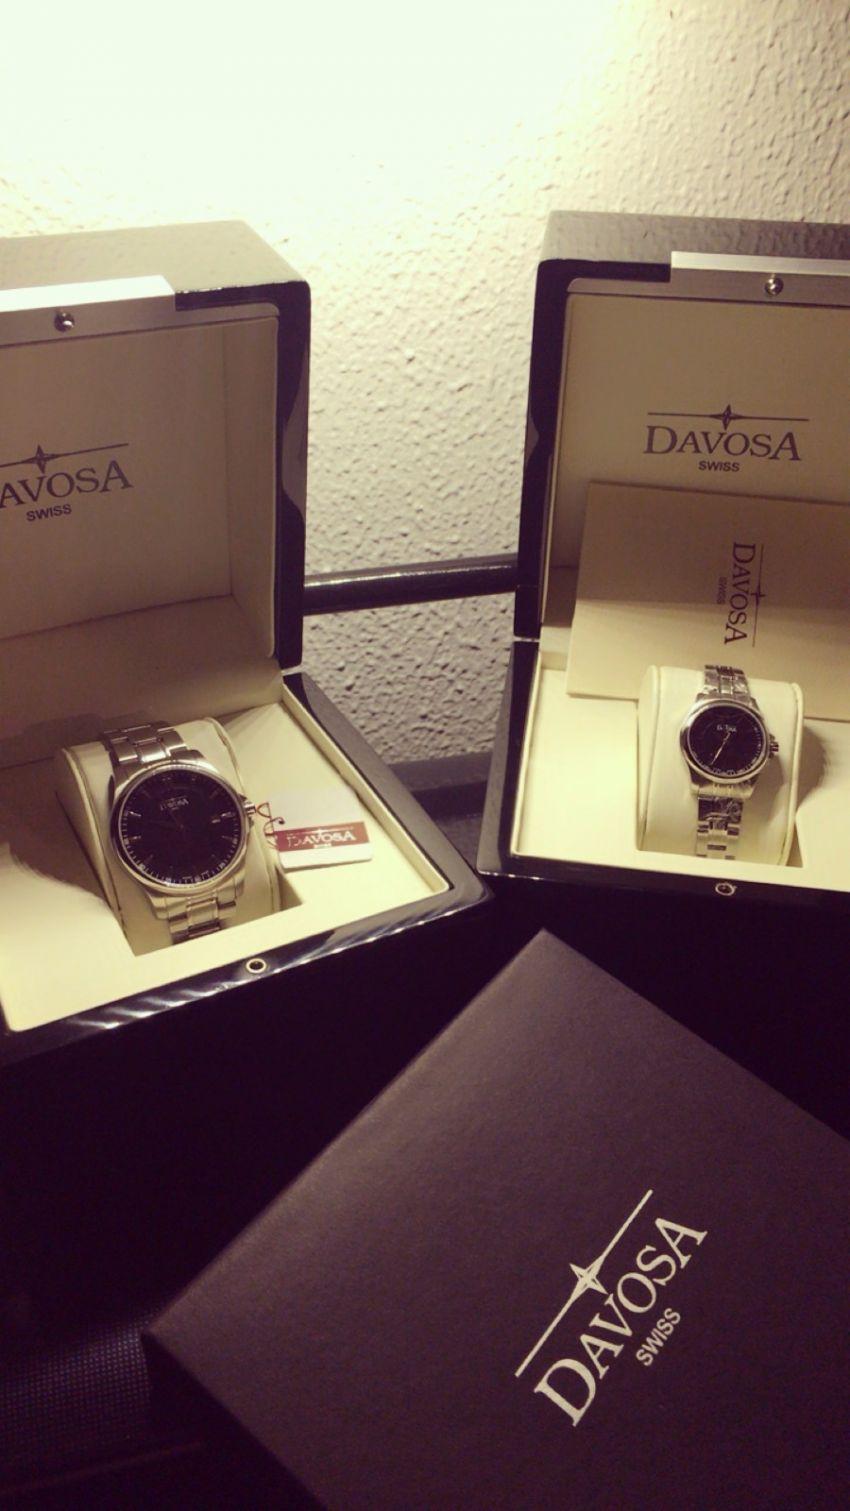 迪沃斯16856955手表【表友晒单作业】挺不错...